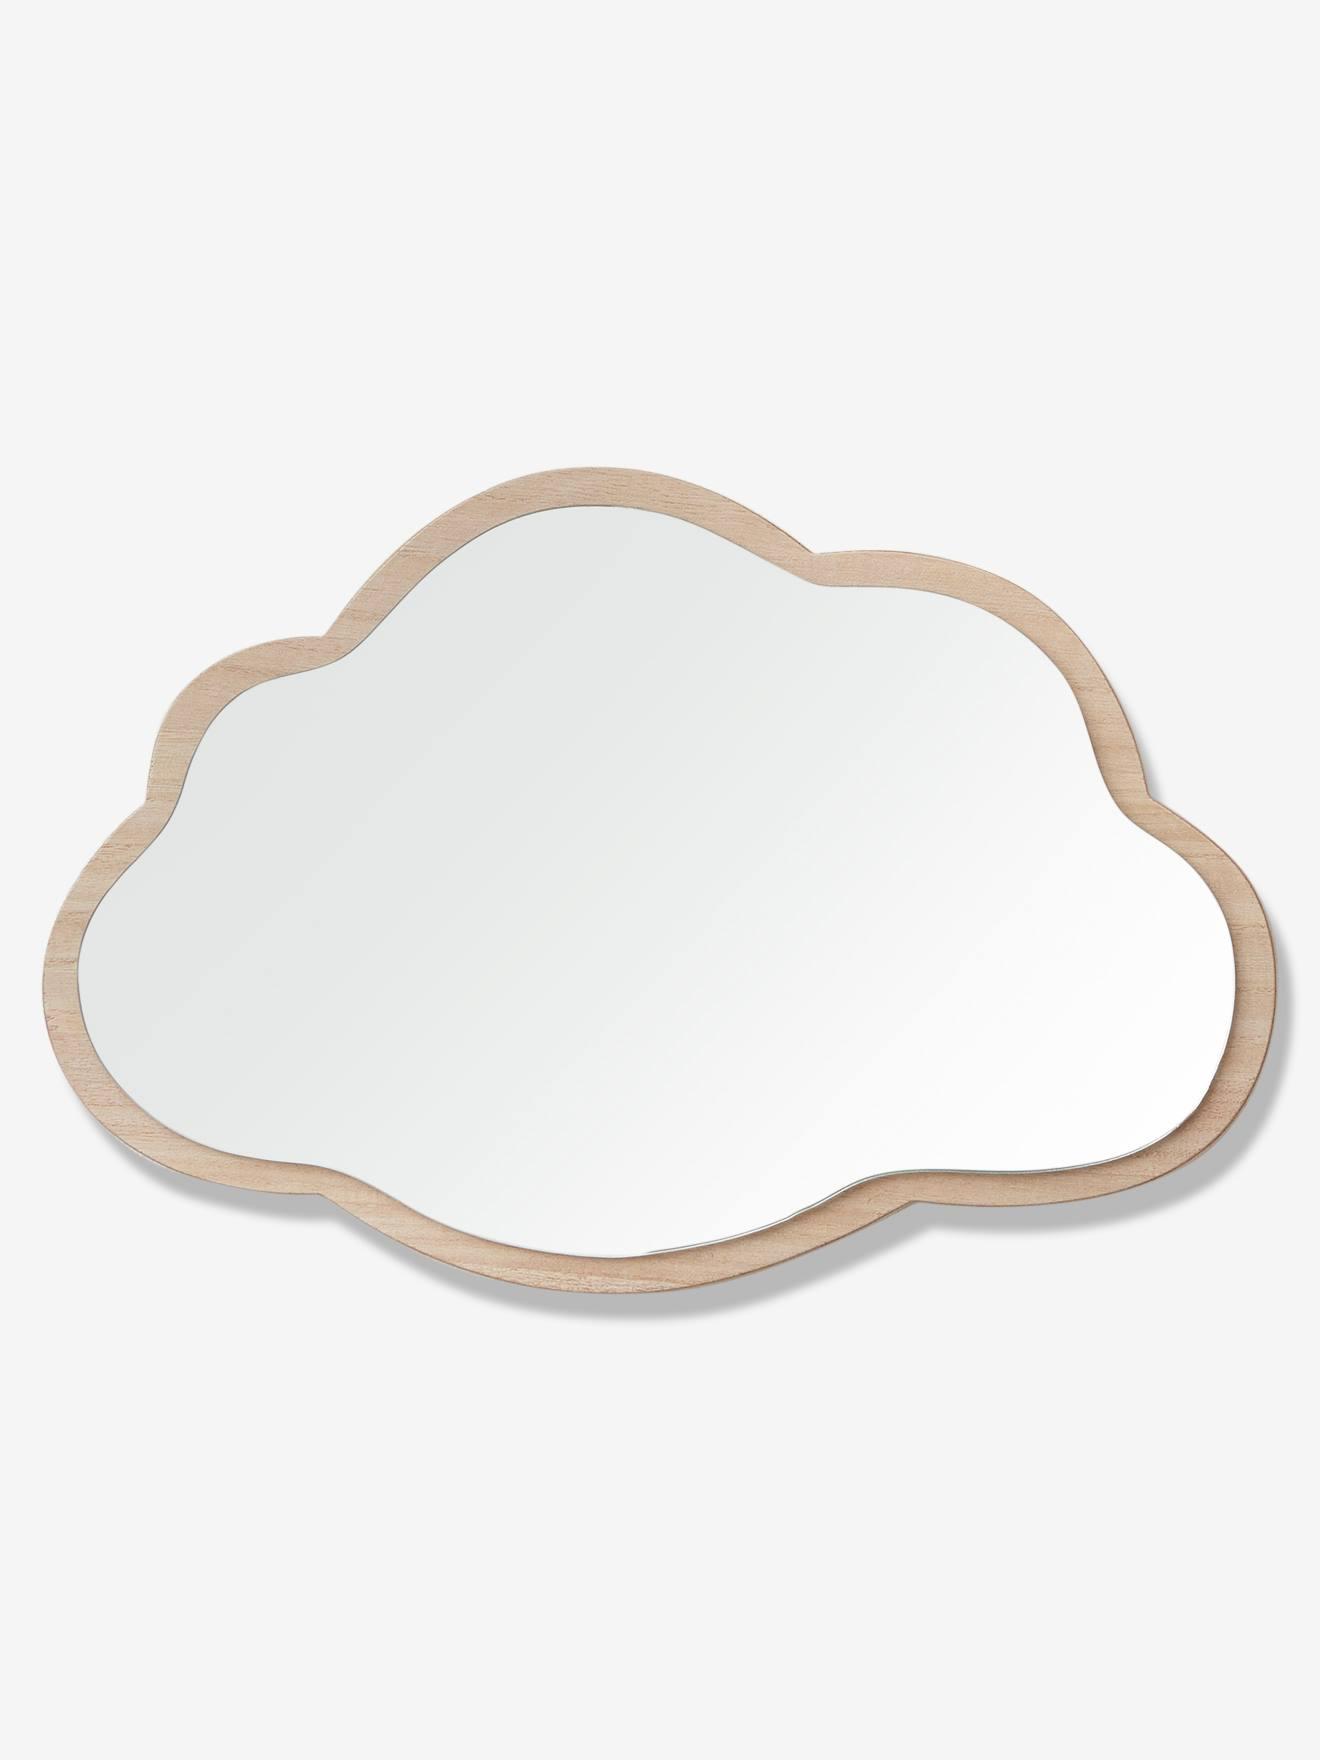 """Vertbaudet Kinderzimmer Spiegel """"Wolke"""" natur von vertbaudet"""